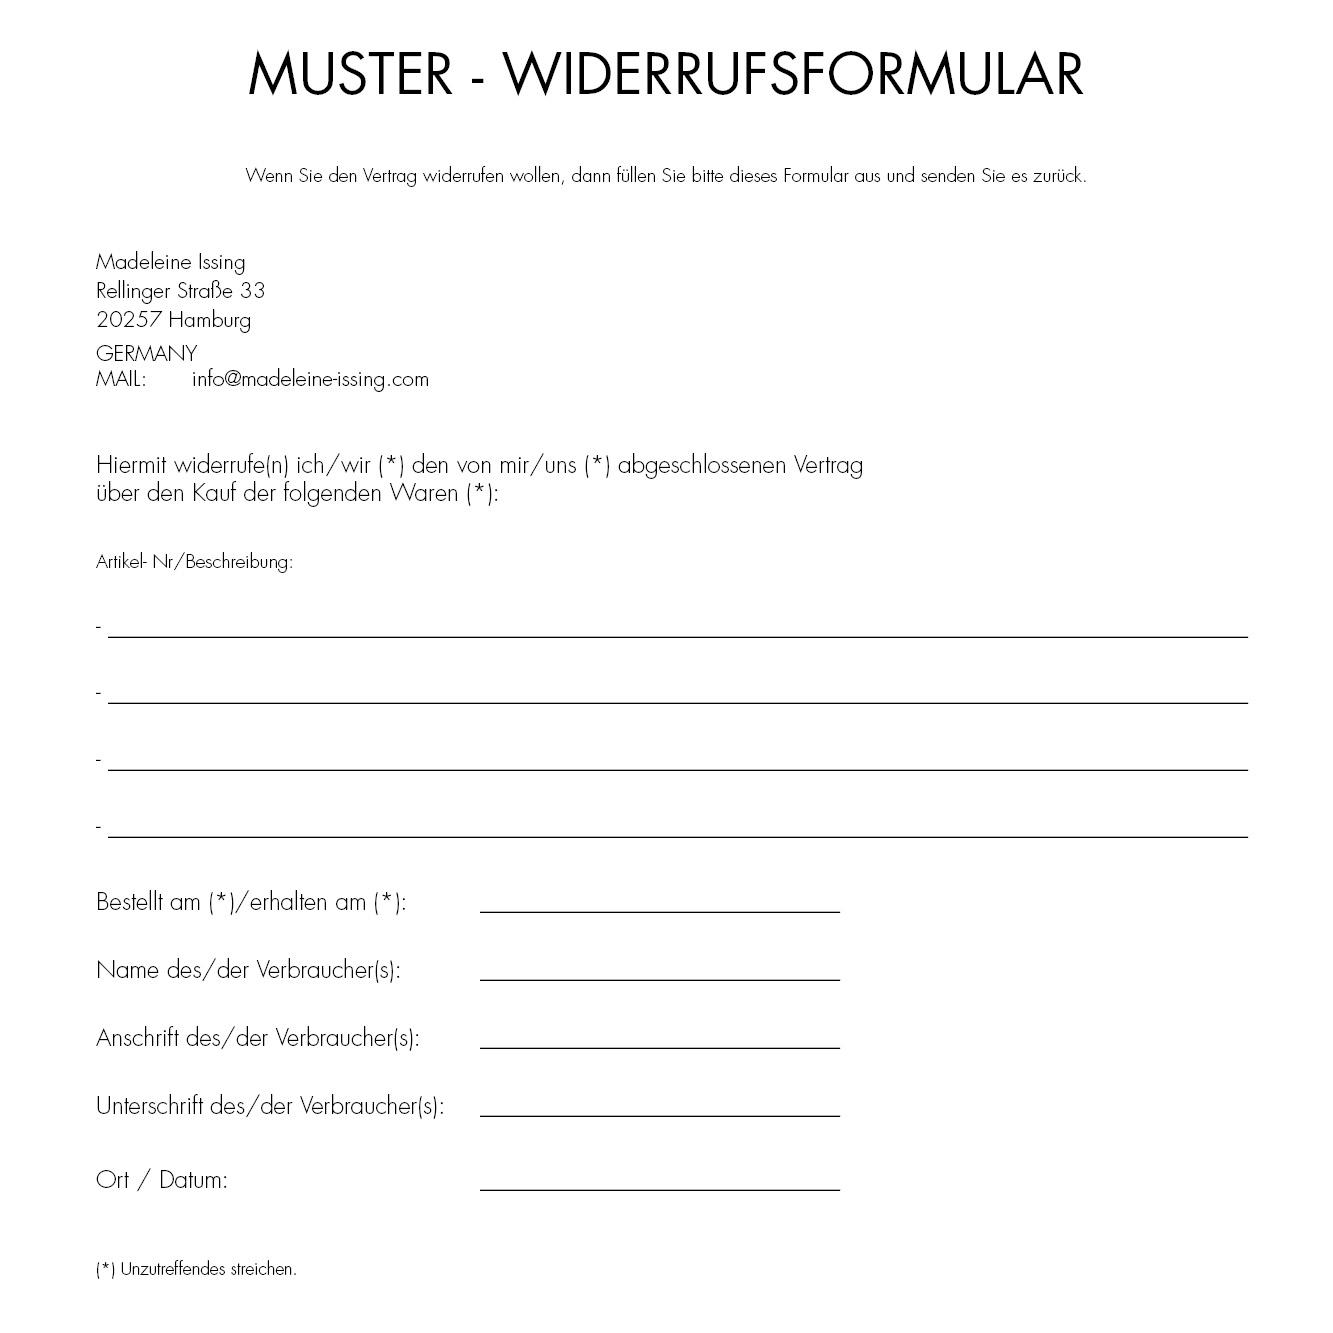 muster widerrufsformular - Muster Widerrufsformular